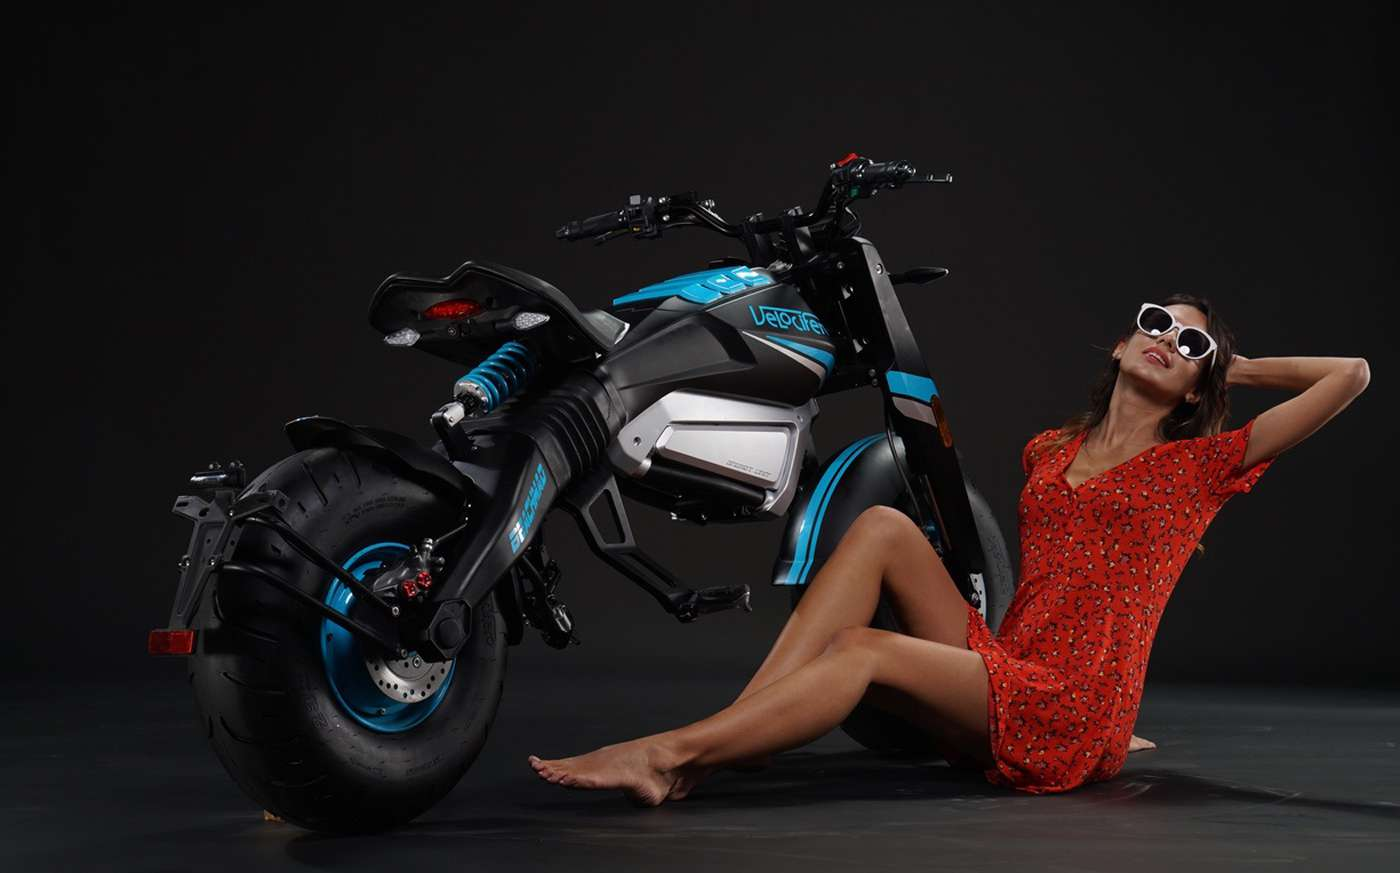 Velocifero Beach Mad: esta motocicleta eléctrica no se parece a ninguna otra